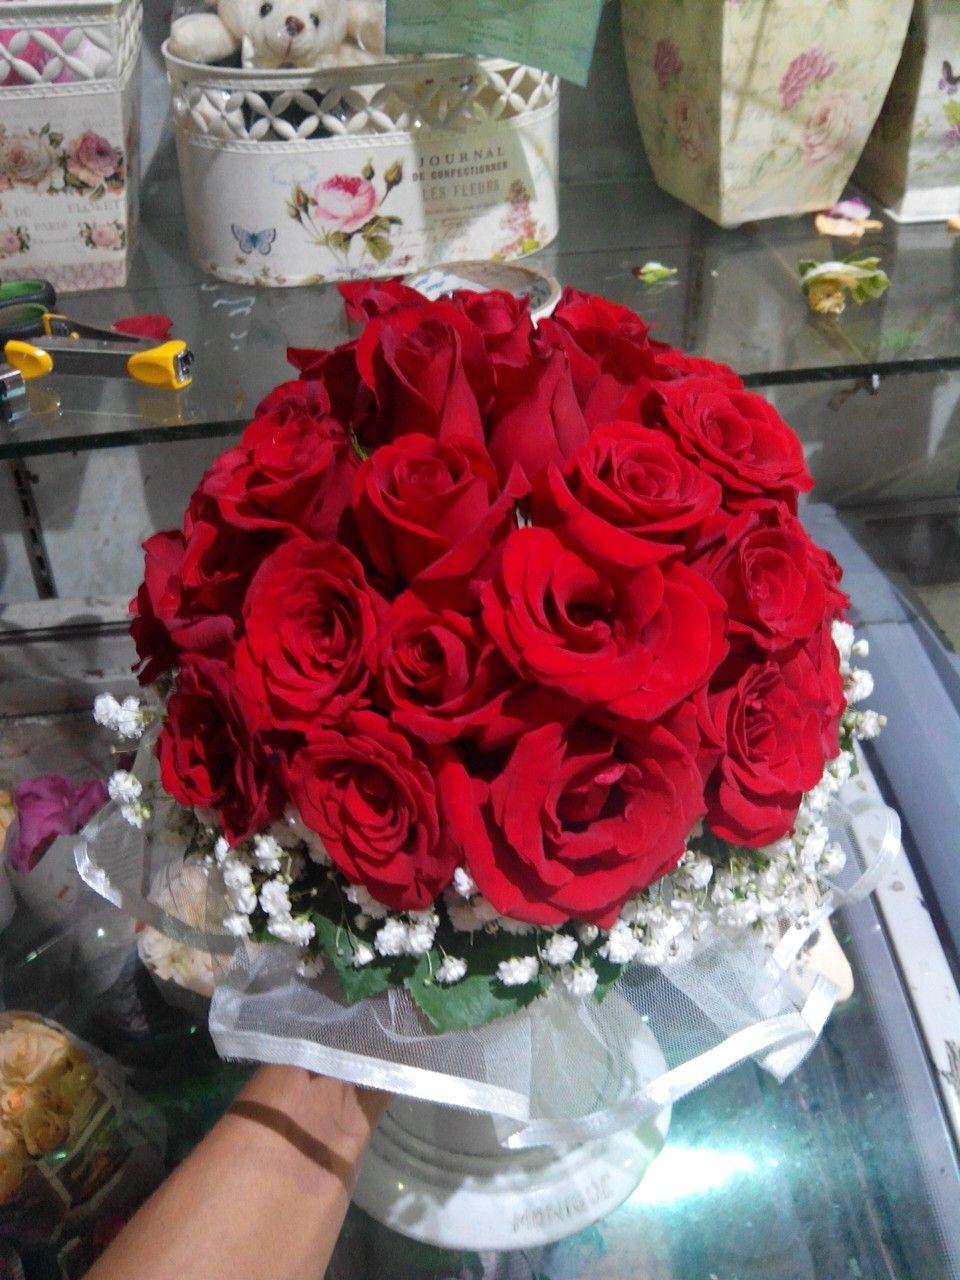 Bunga Pengantin Mawar Merah Baby Breath Ide Pesta Mawar Merah Pengantin